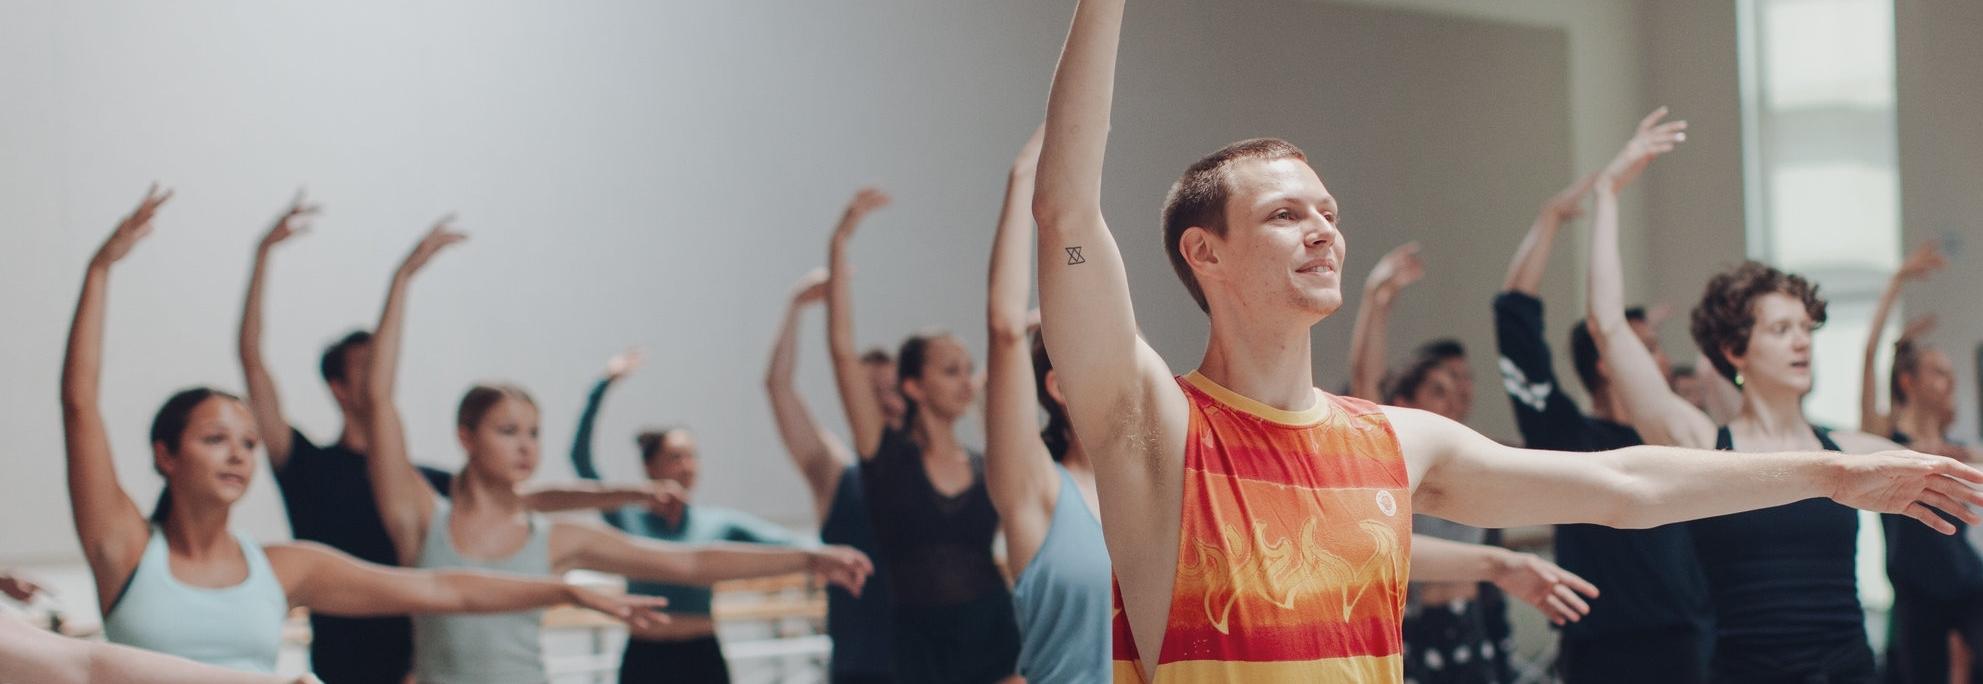 Backhausdance Summer Intensives 2019